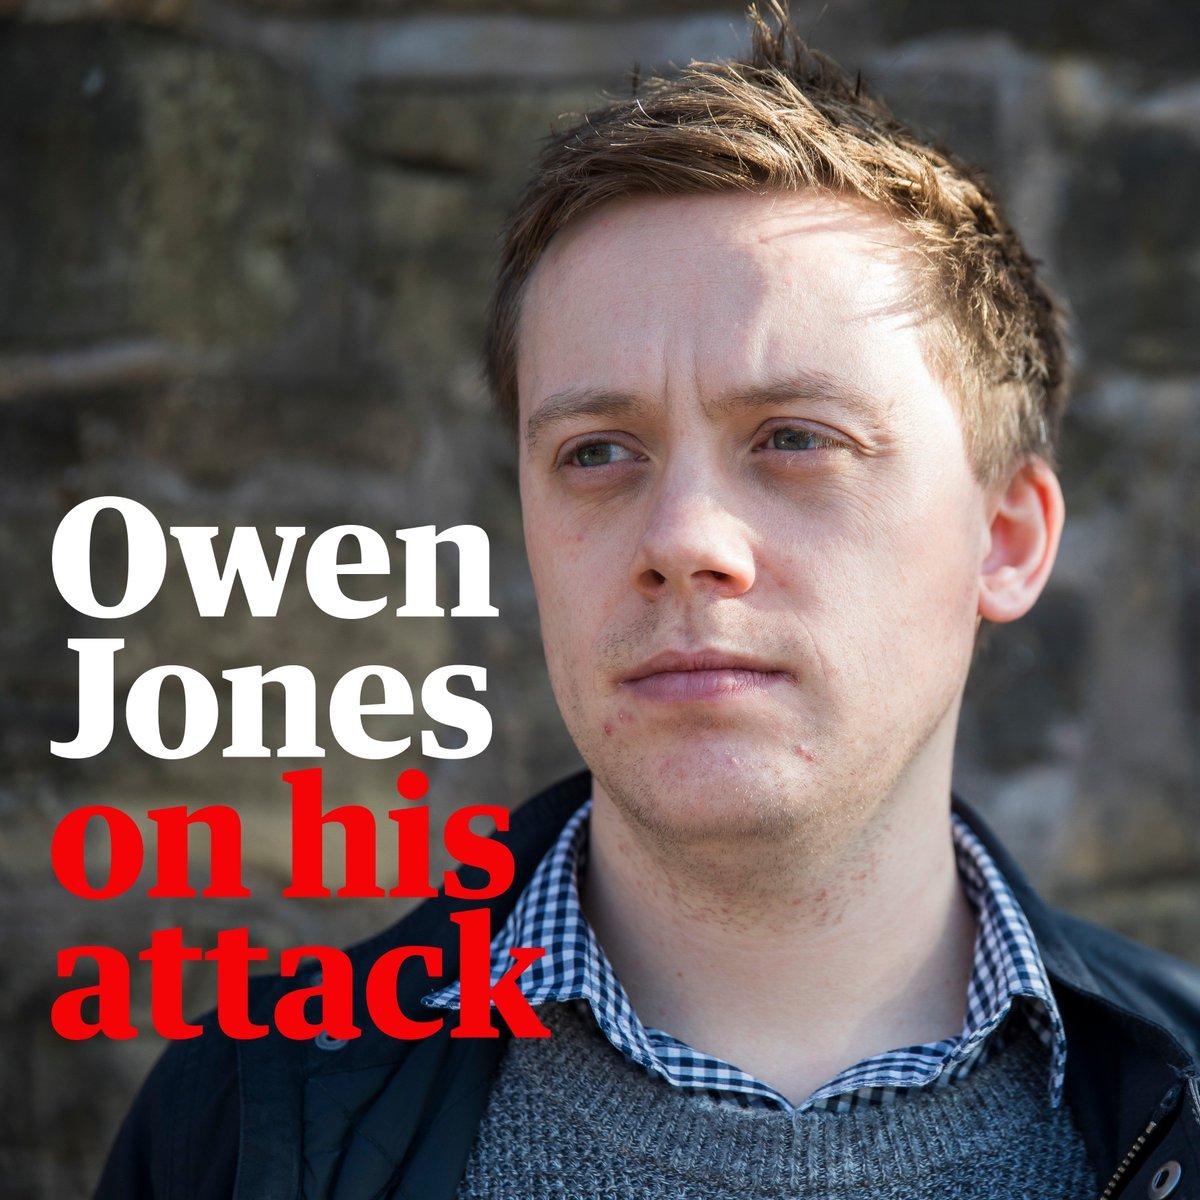 Guardian journalist @OwenJones84 on his attack: I get headlines. Many minorities dont